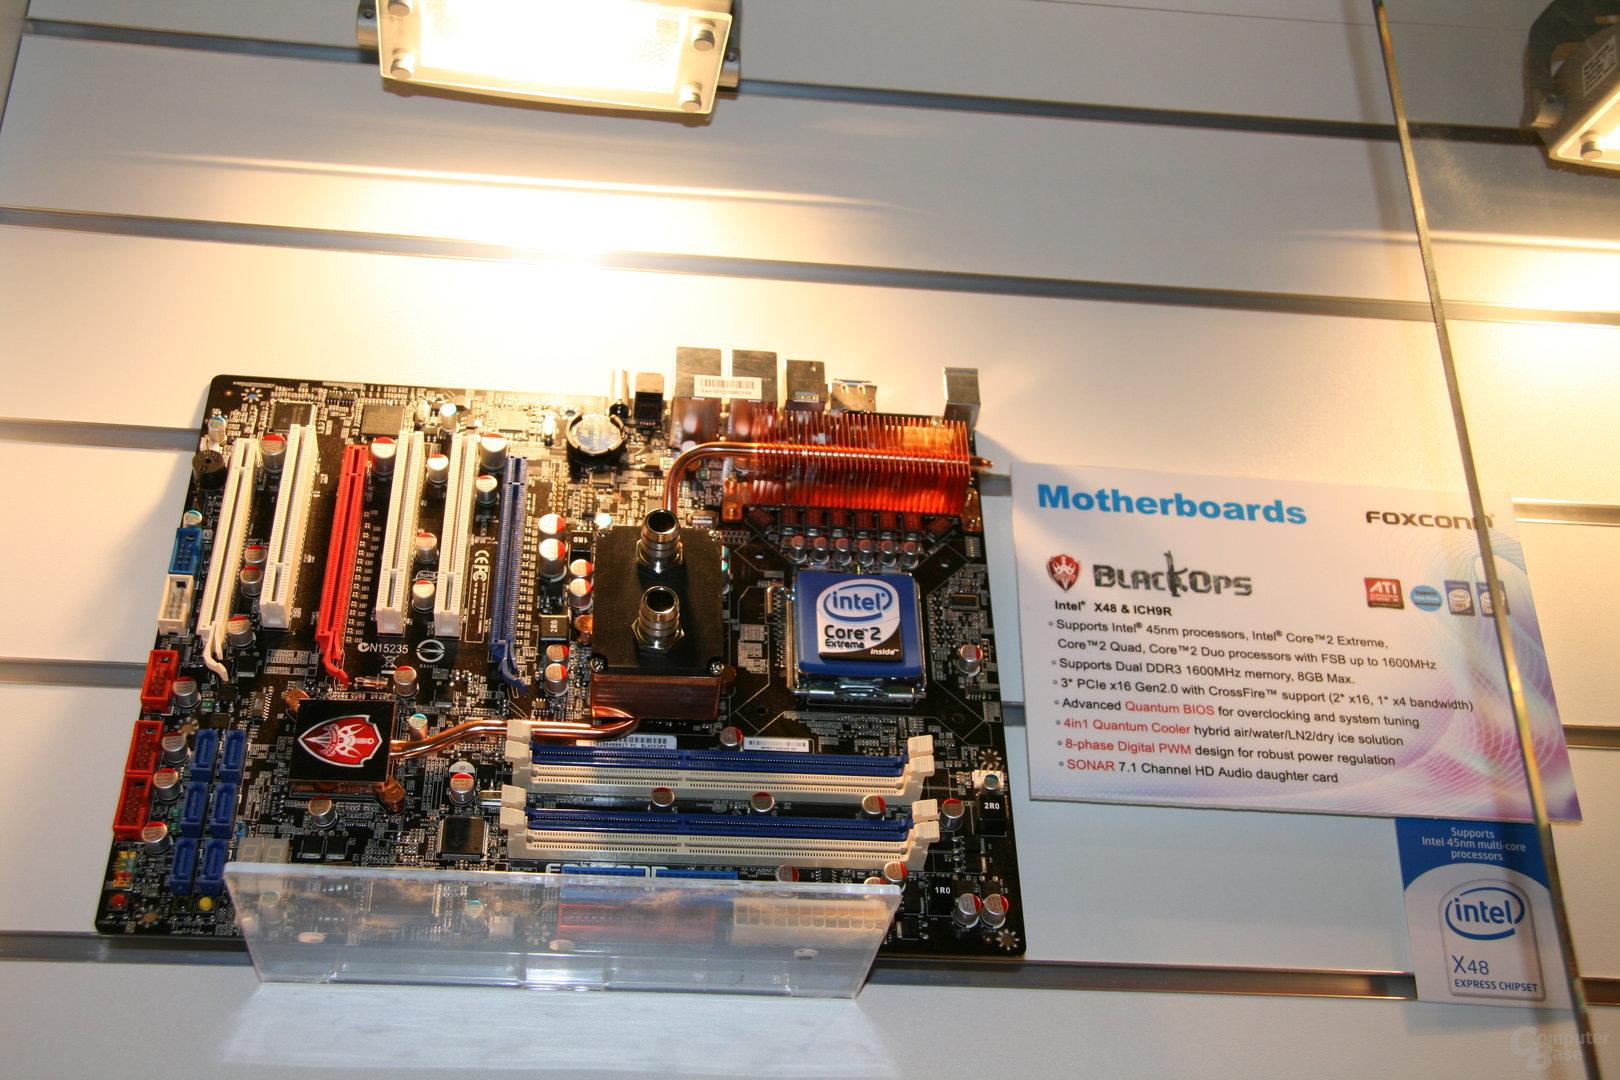 X48 von Foxconn mit DDR3